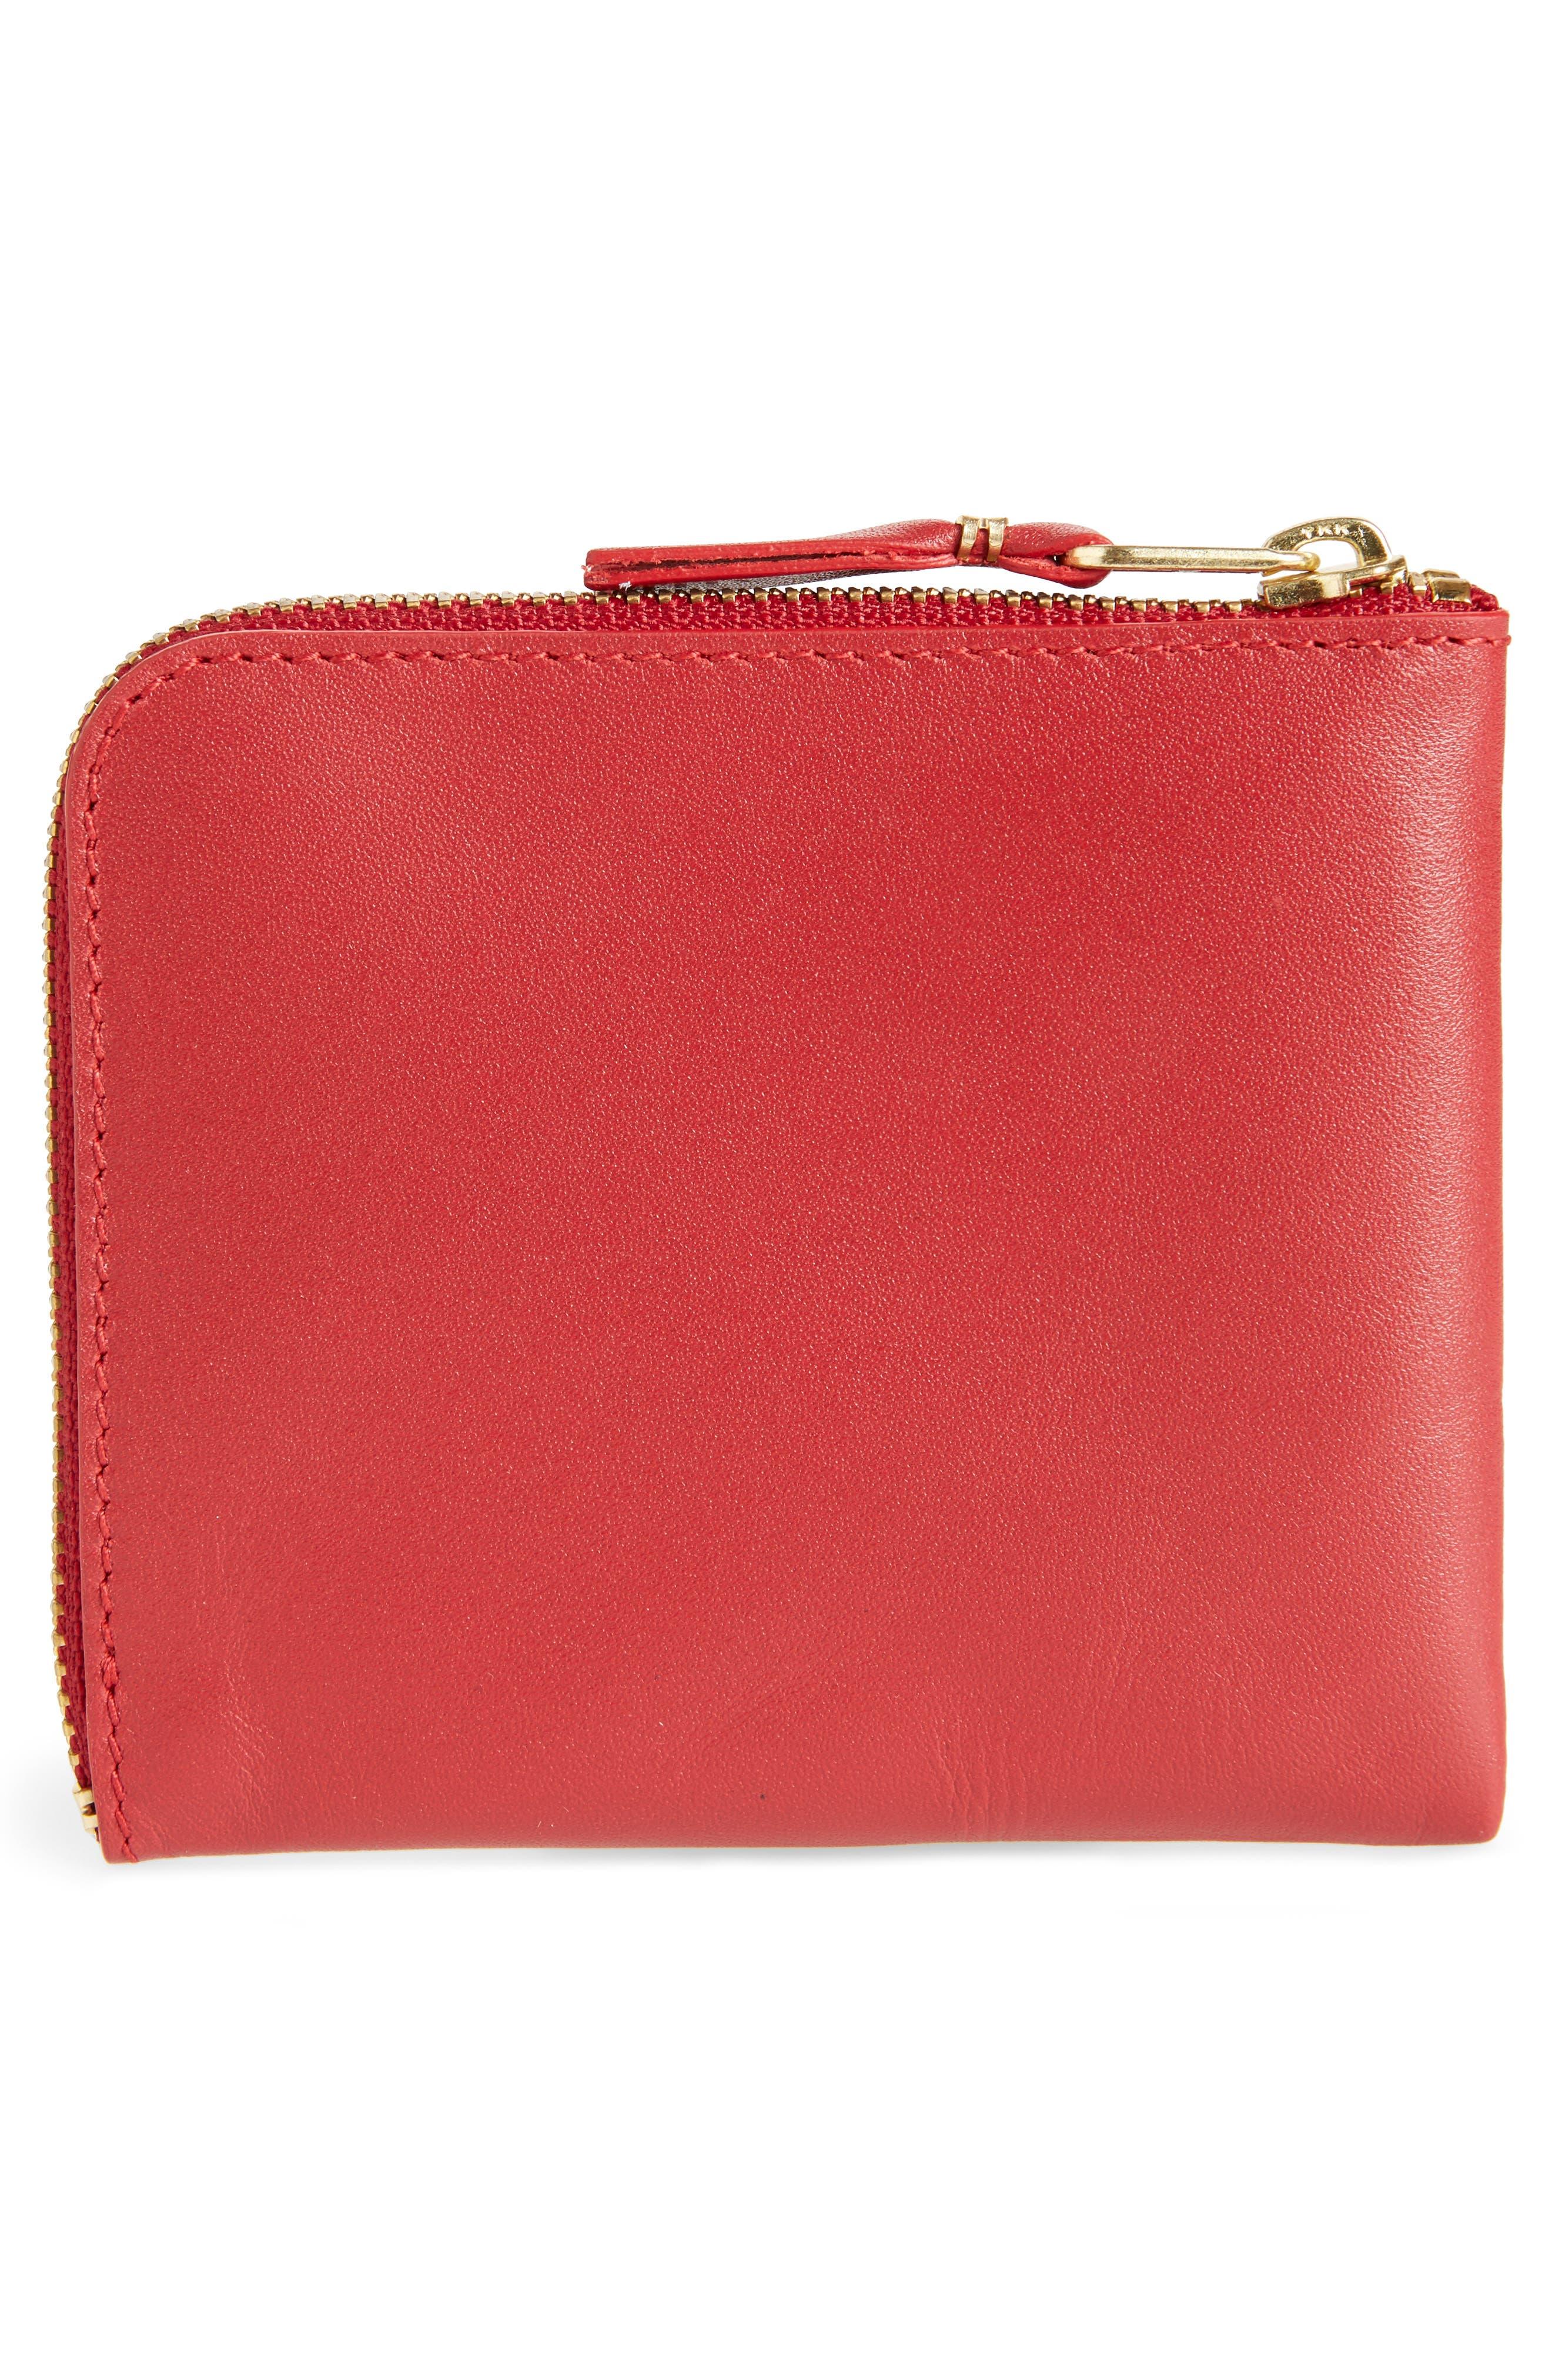 COMME DES GARÇONS,                             Classic Leather Line Wallet,                             Alternate thumbnail 3, color,                             600